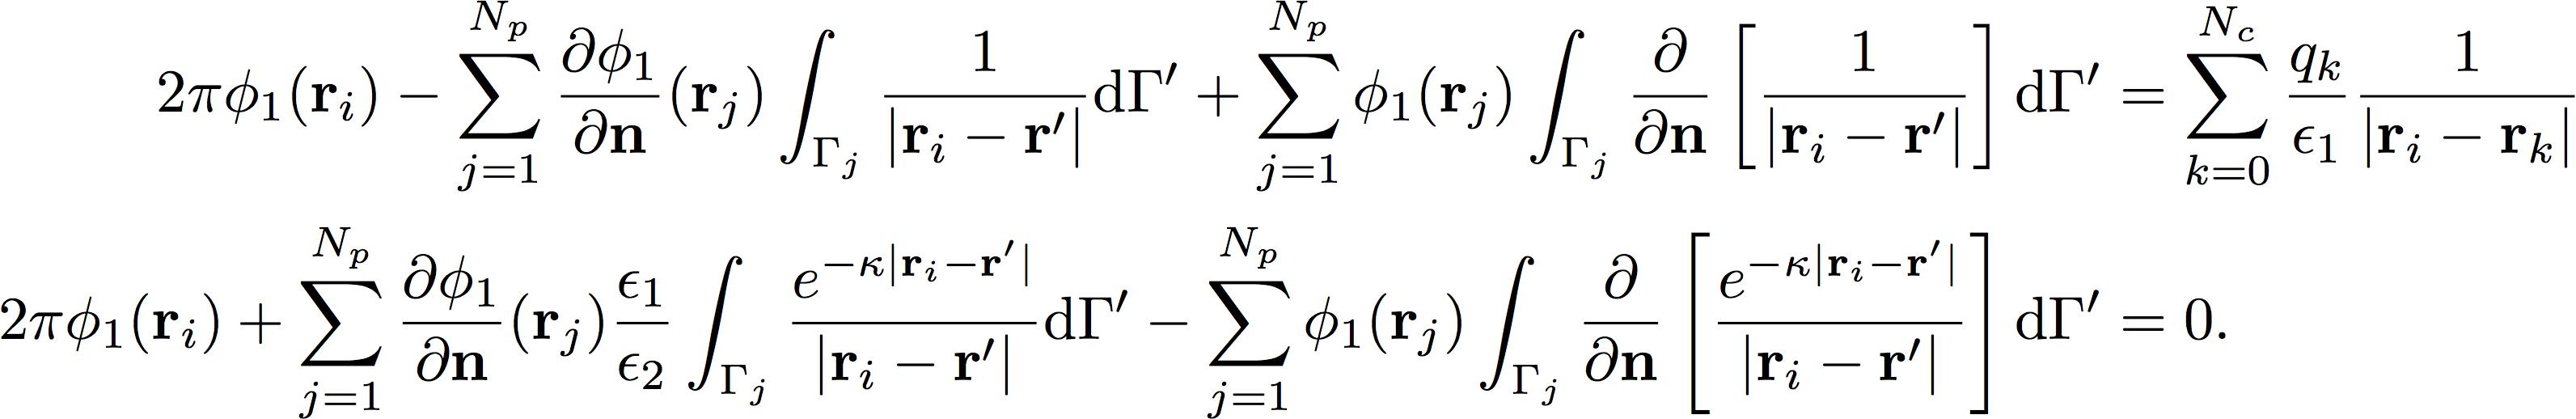 Poisson-Boltzmann